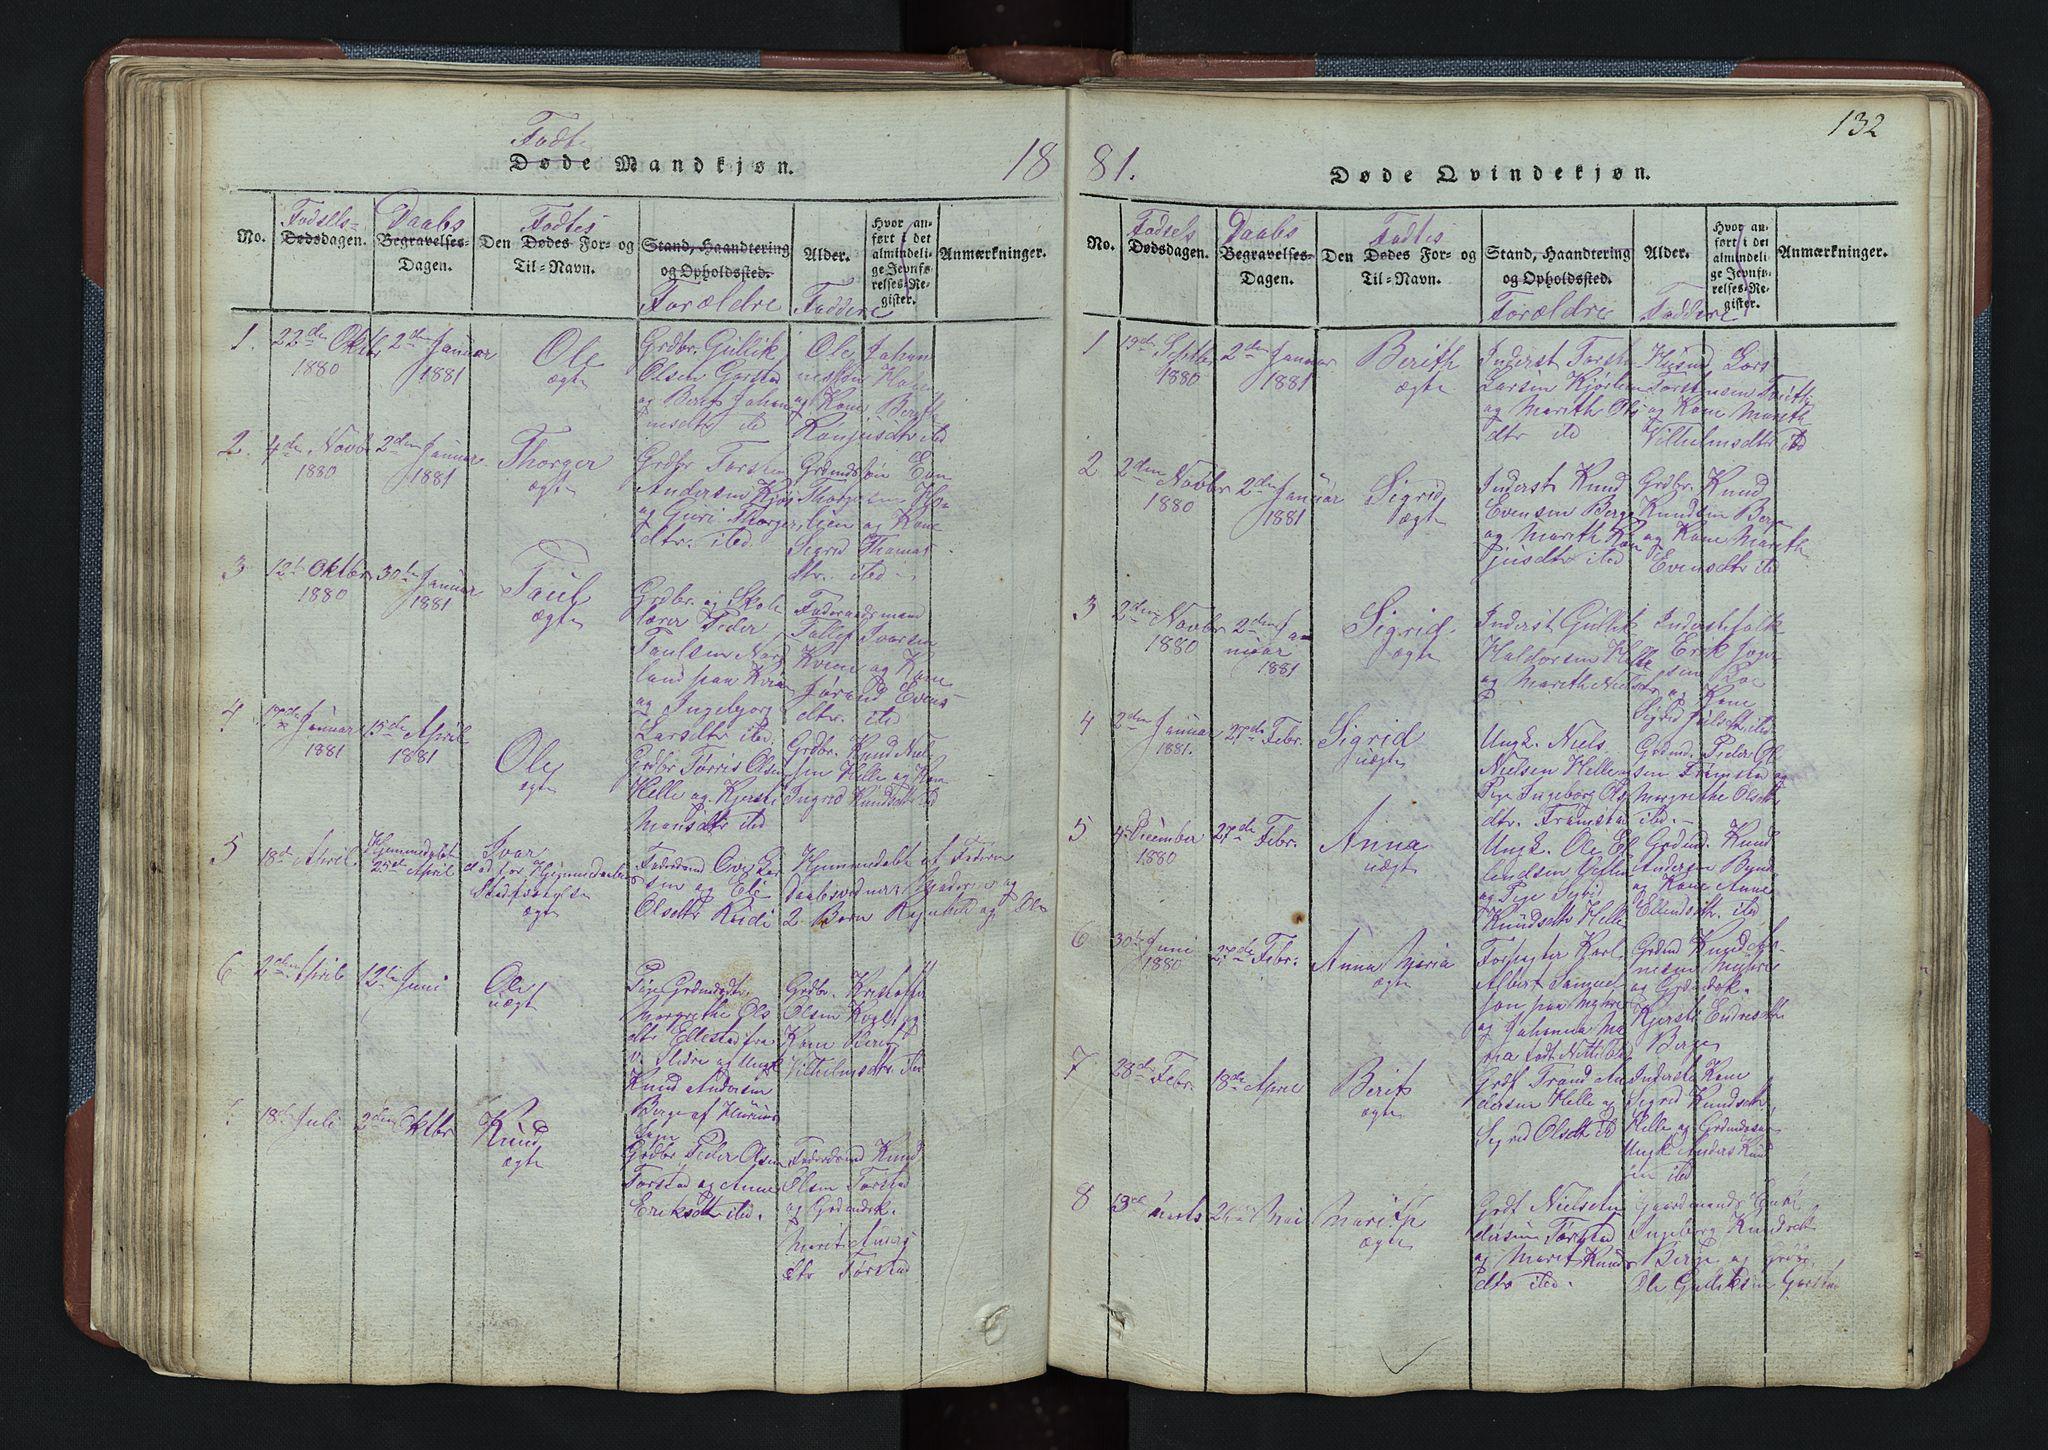 SAH, Vang prestekontor, Valdres, Klokkerbok nr. 3, 1814-1892, s. 132